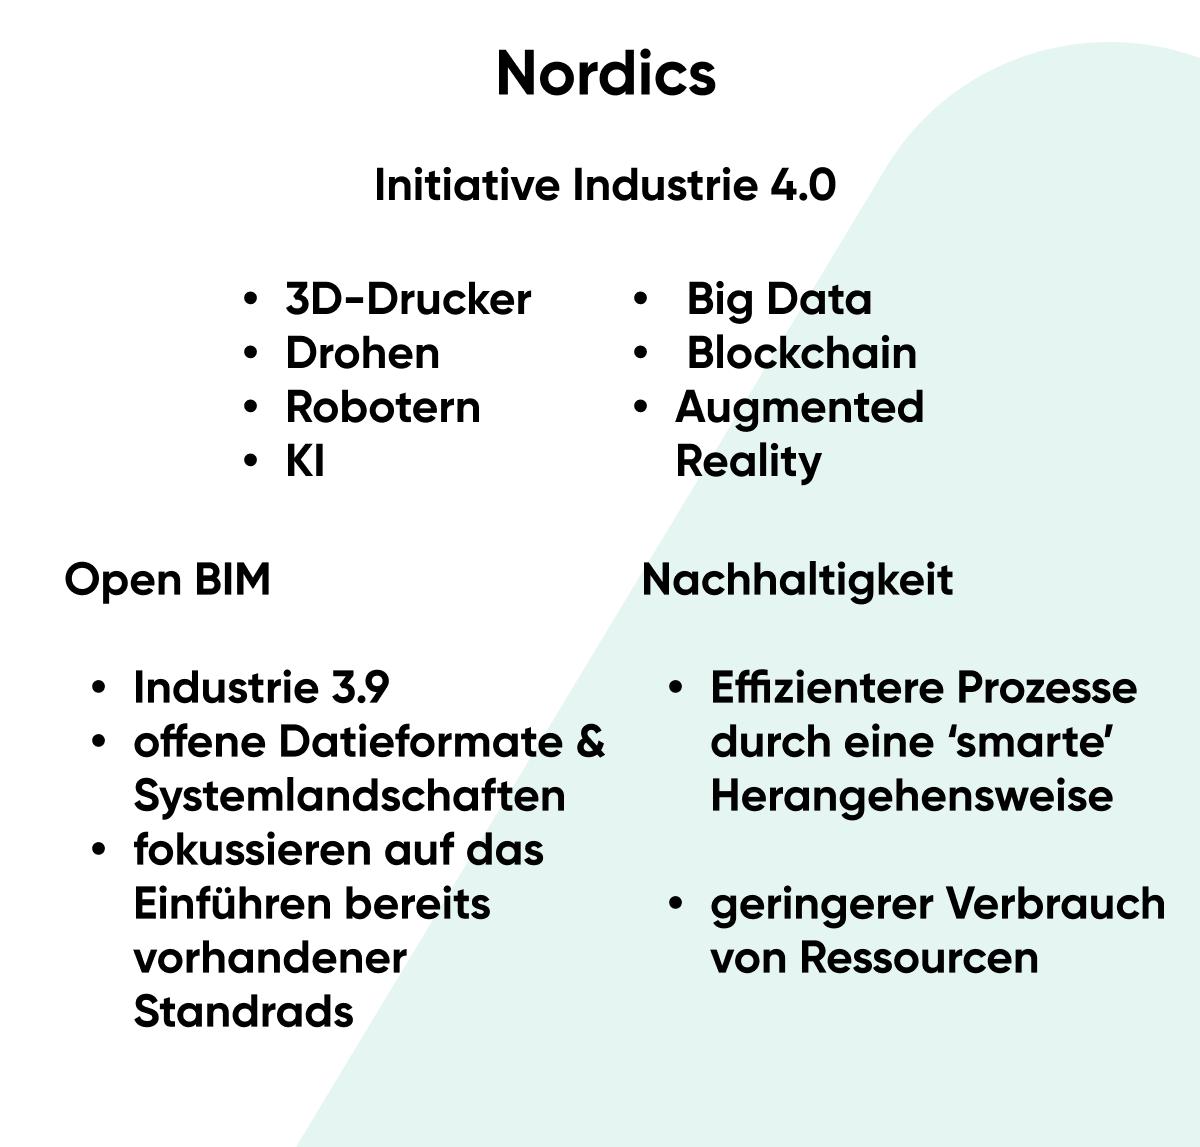 Die Digitalisierung der Bauindustrie in den Nordics